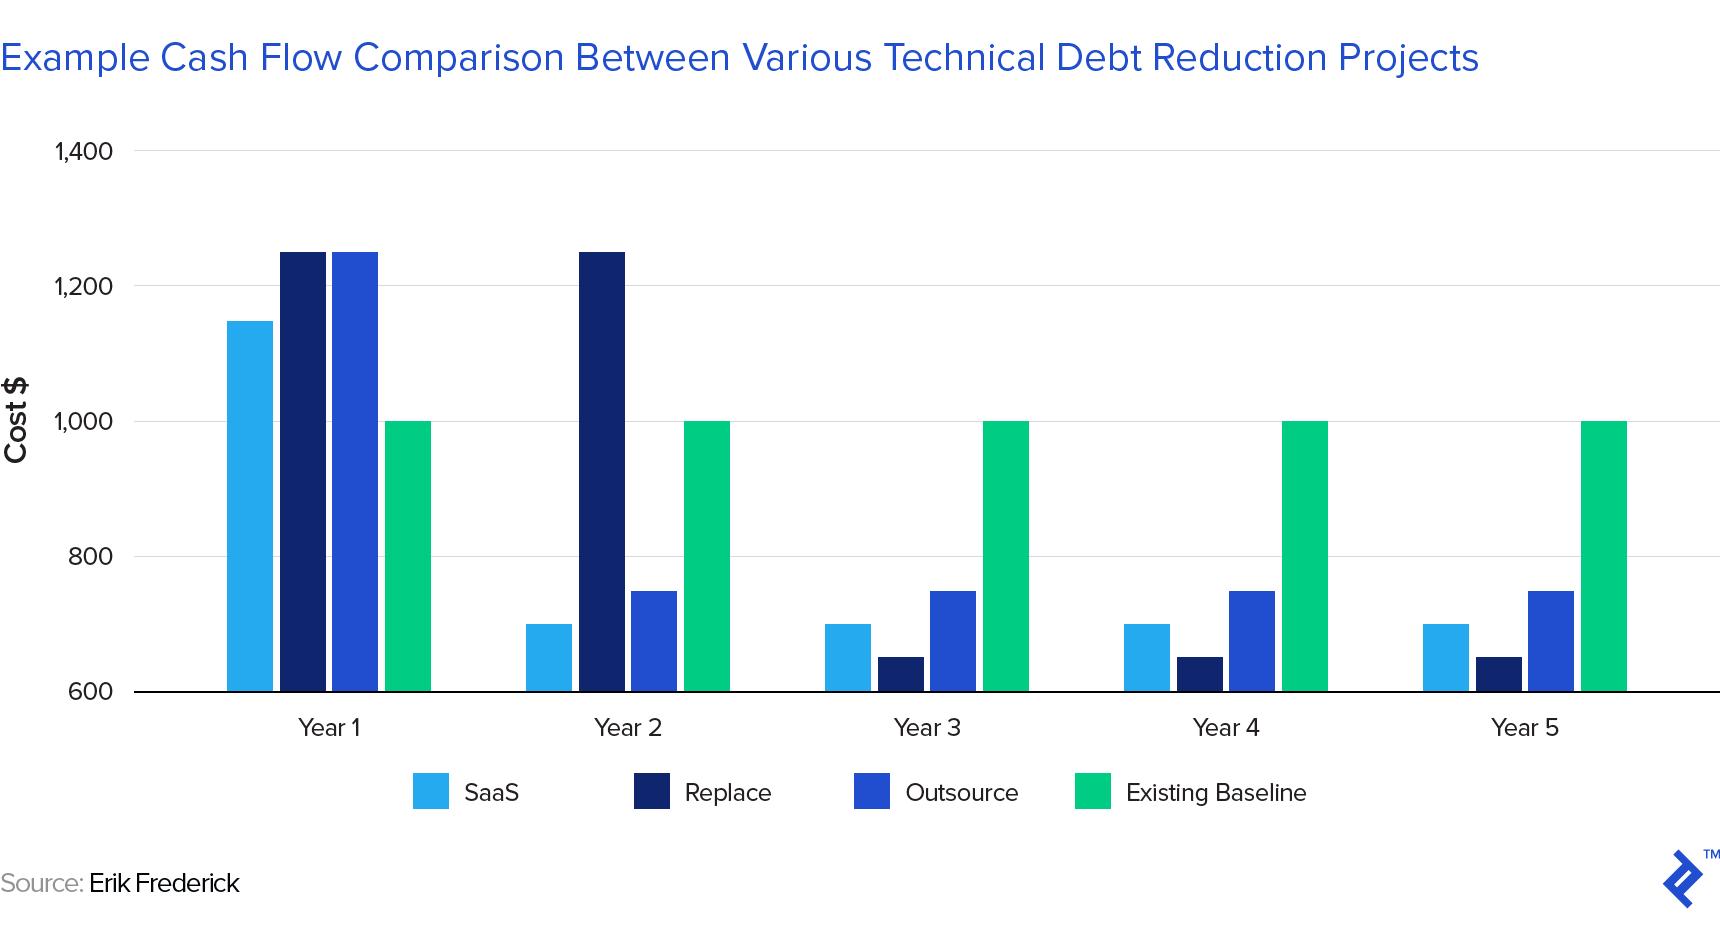 un gráfico de barras que muestra una comparación de flujo de caja de ejemplo entre varios proyectos técnicos de reducción de deuda